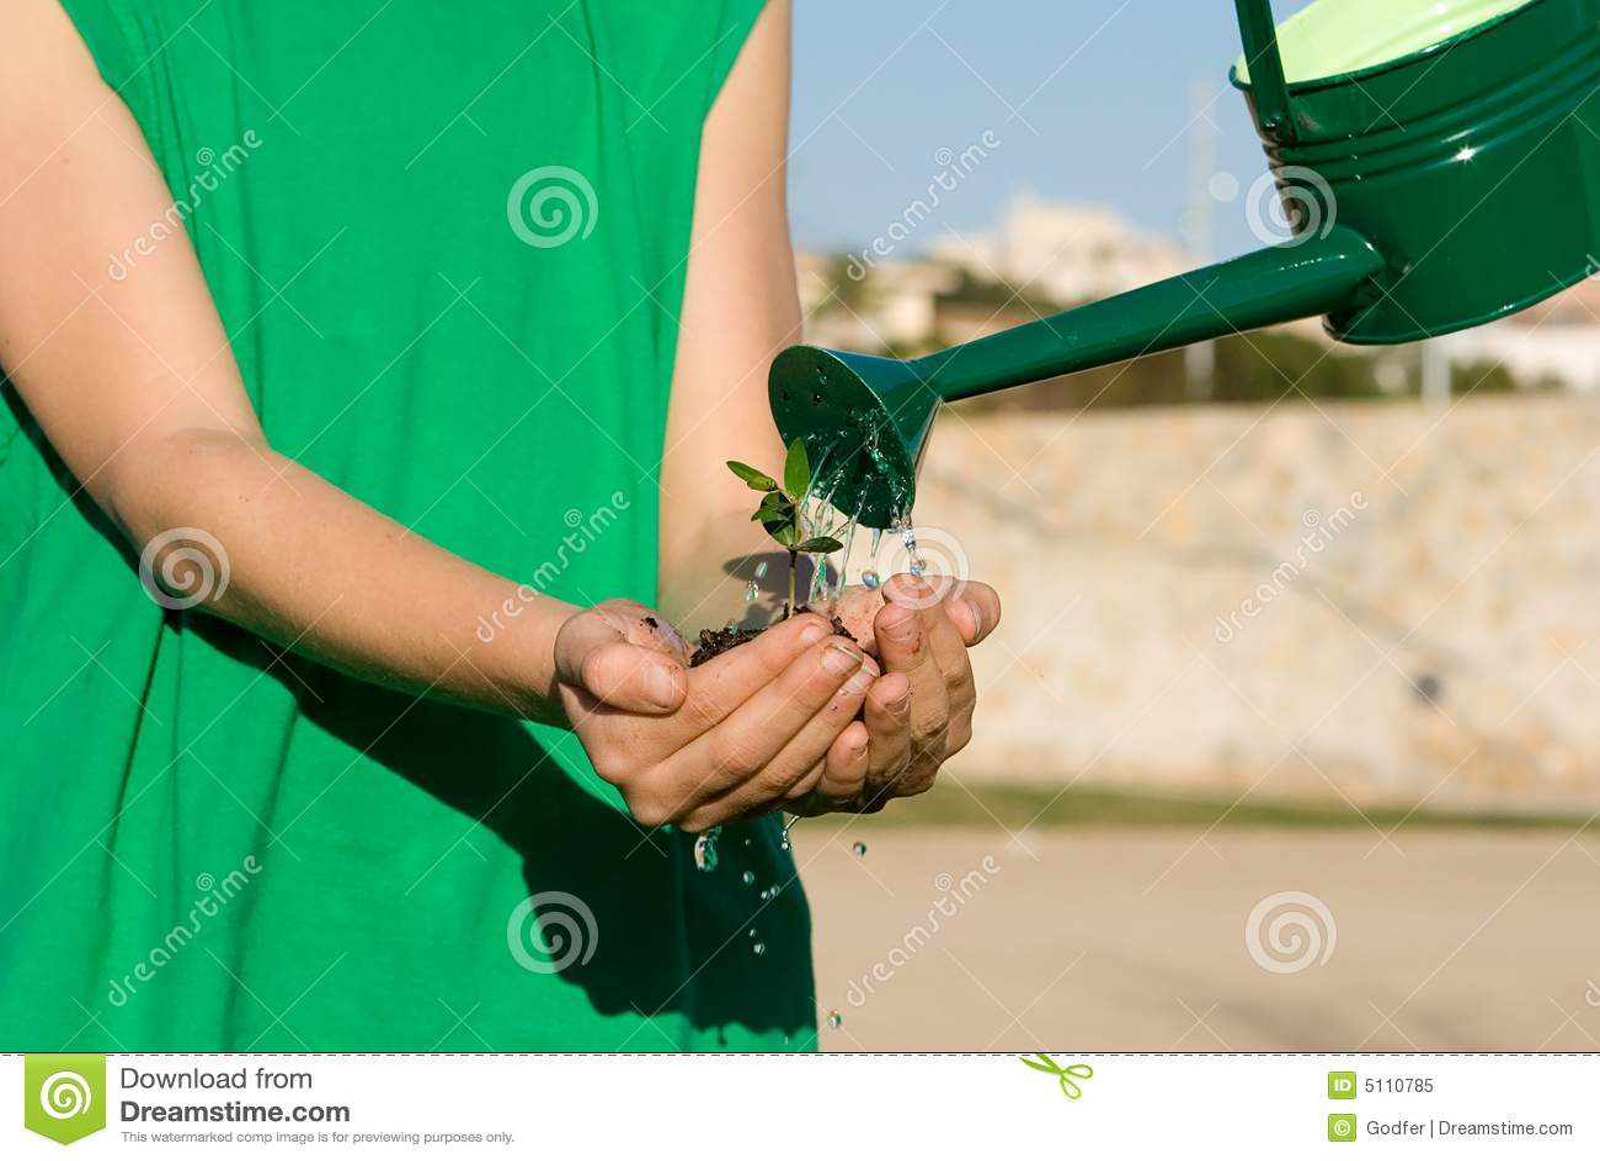 Planta molhando da criança na mão colocada